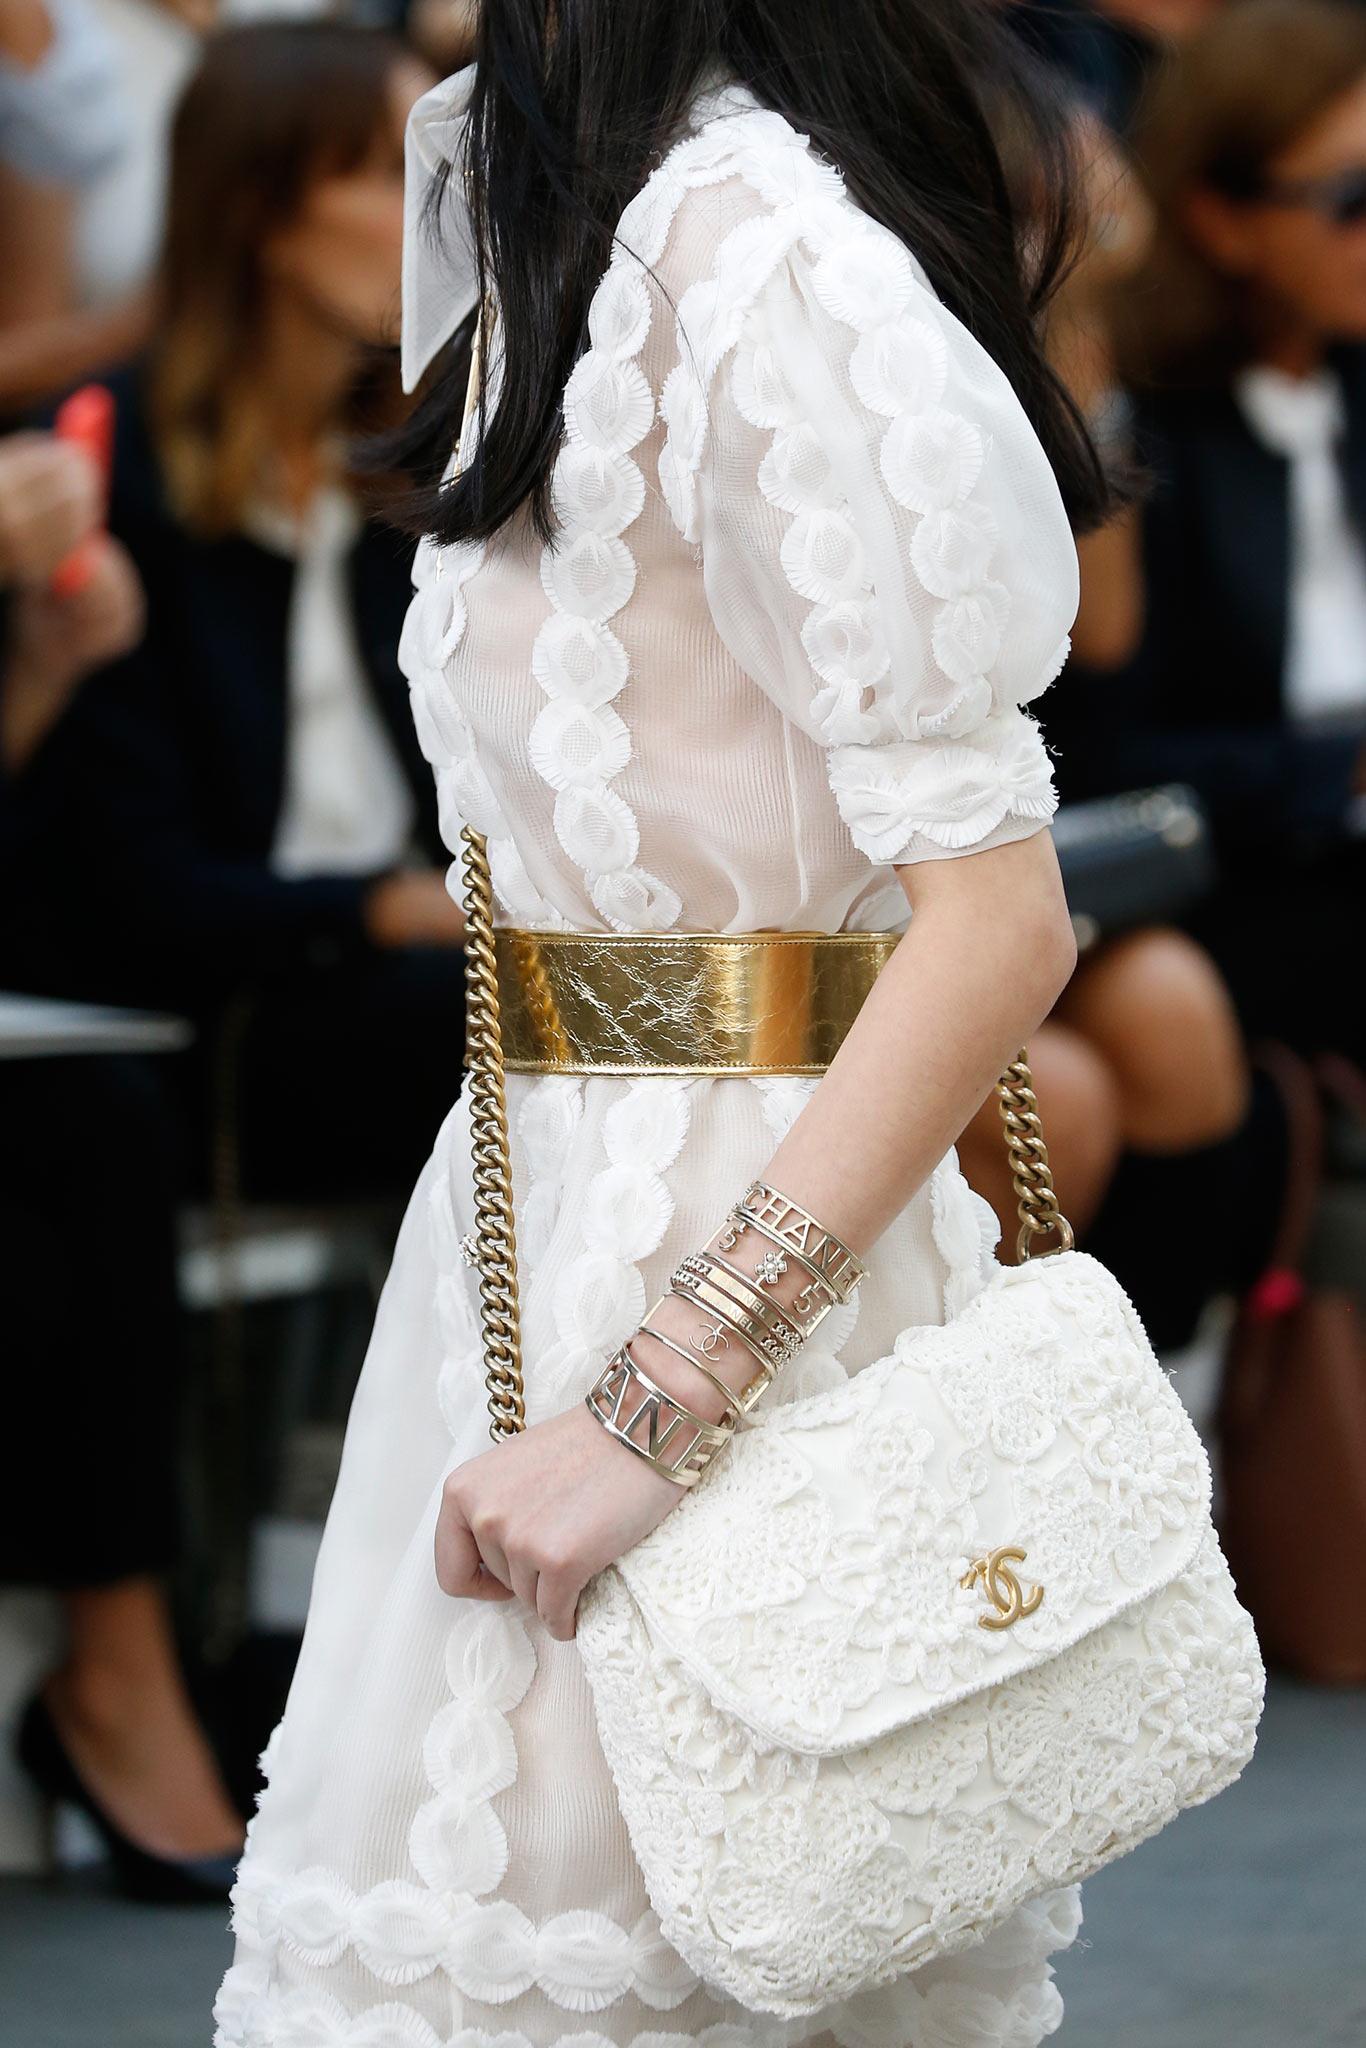 Chanel - Verão 2015 imagem: style.com